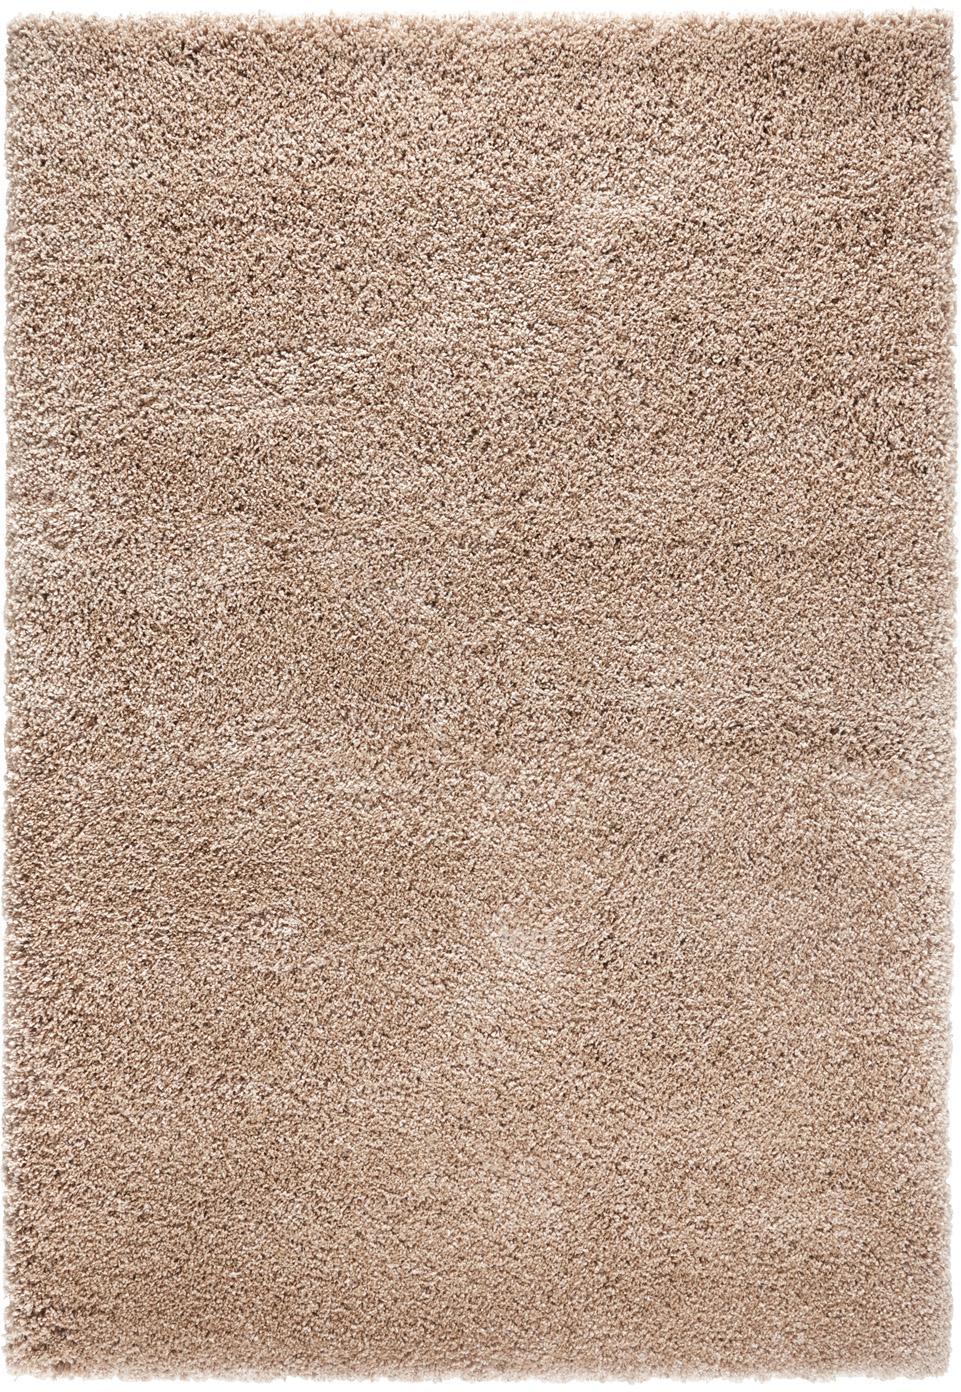 Tappeto a pelo lungo marrone Venice, Retro: juta, Marrone, Larg. 120 x Lung. 170 cm (taglia S)